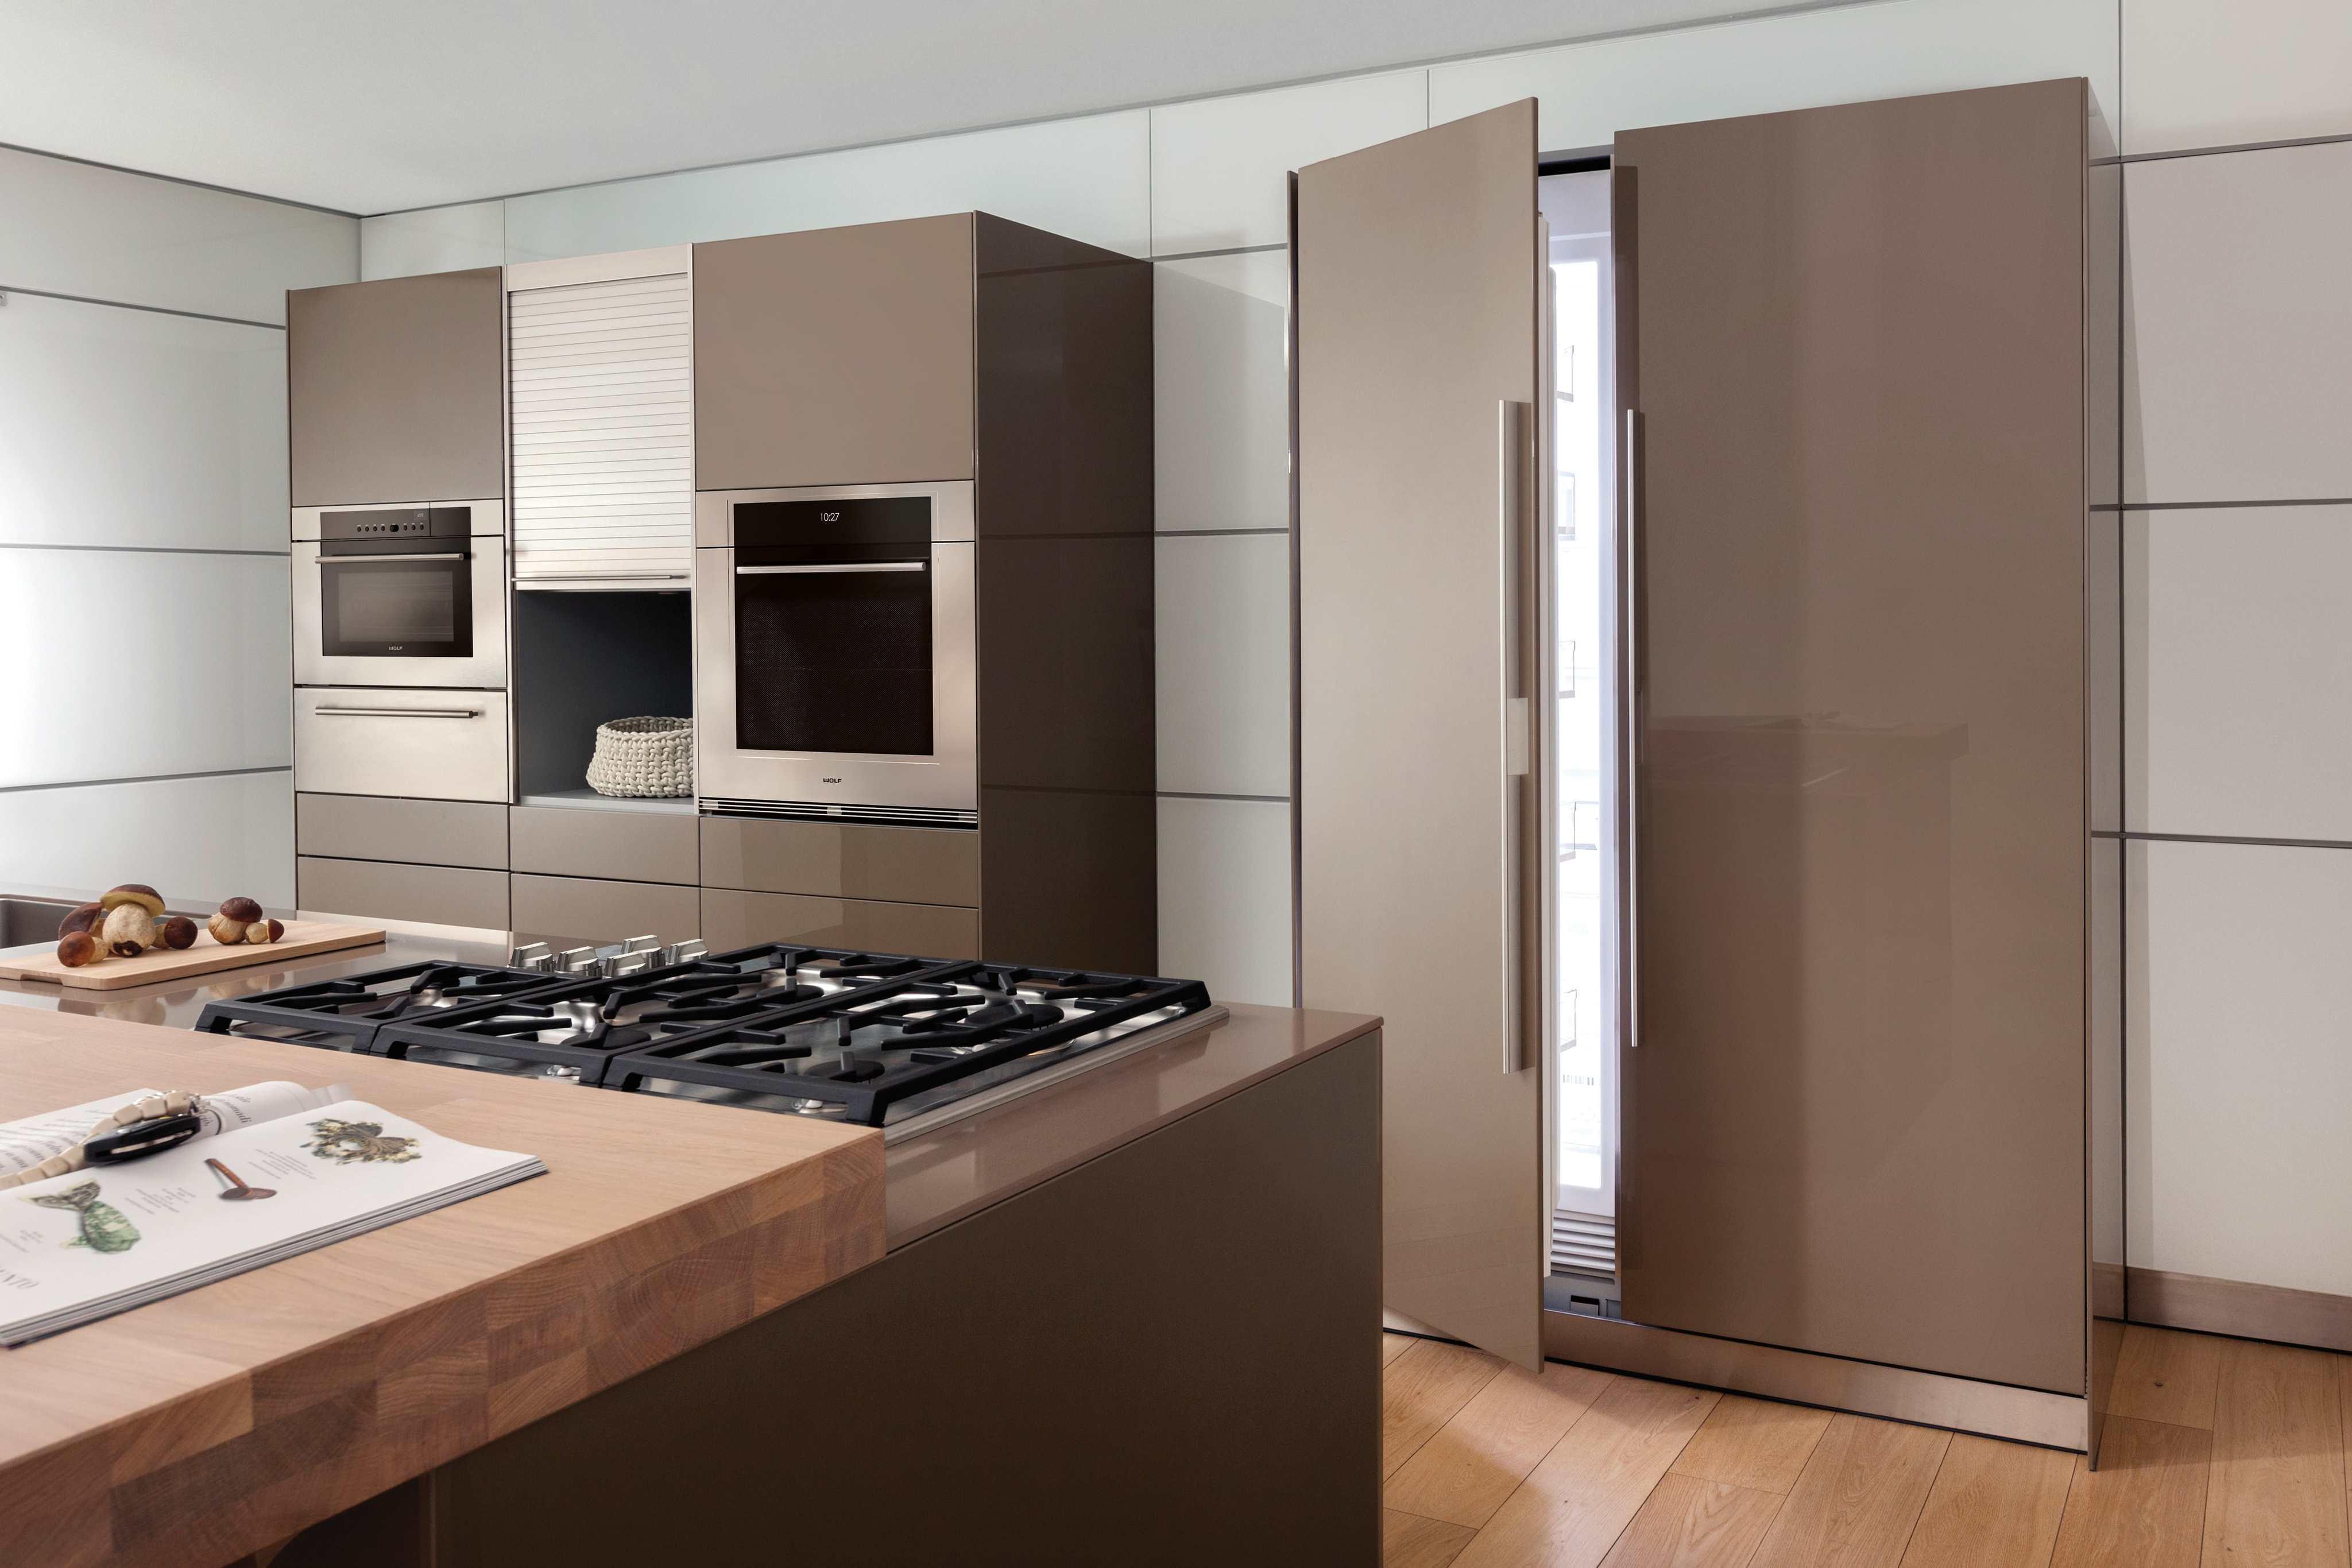 Kühlschrank Rosa : Kühlschrank einrichtungstipps und gestaltungsideen